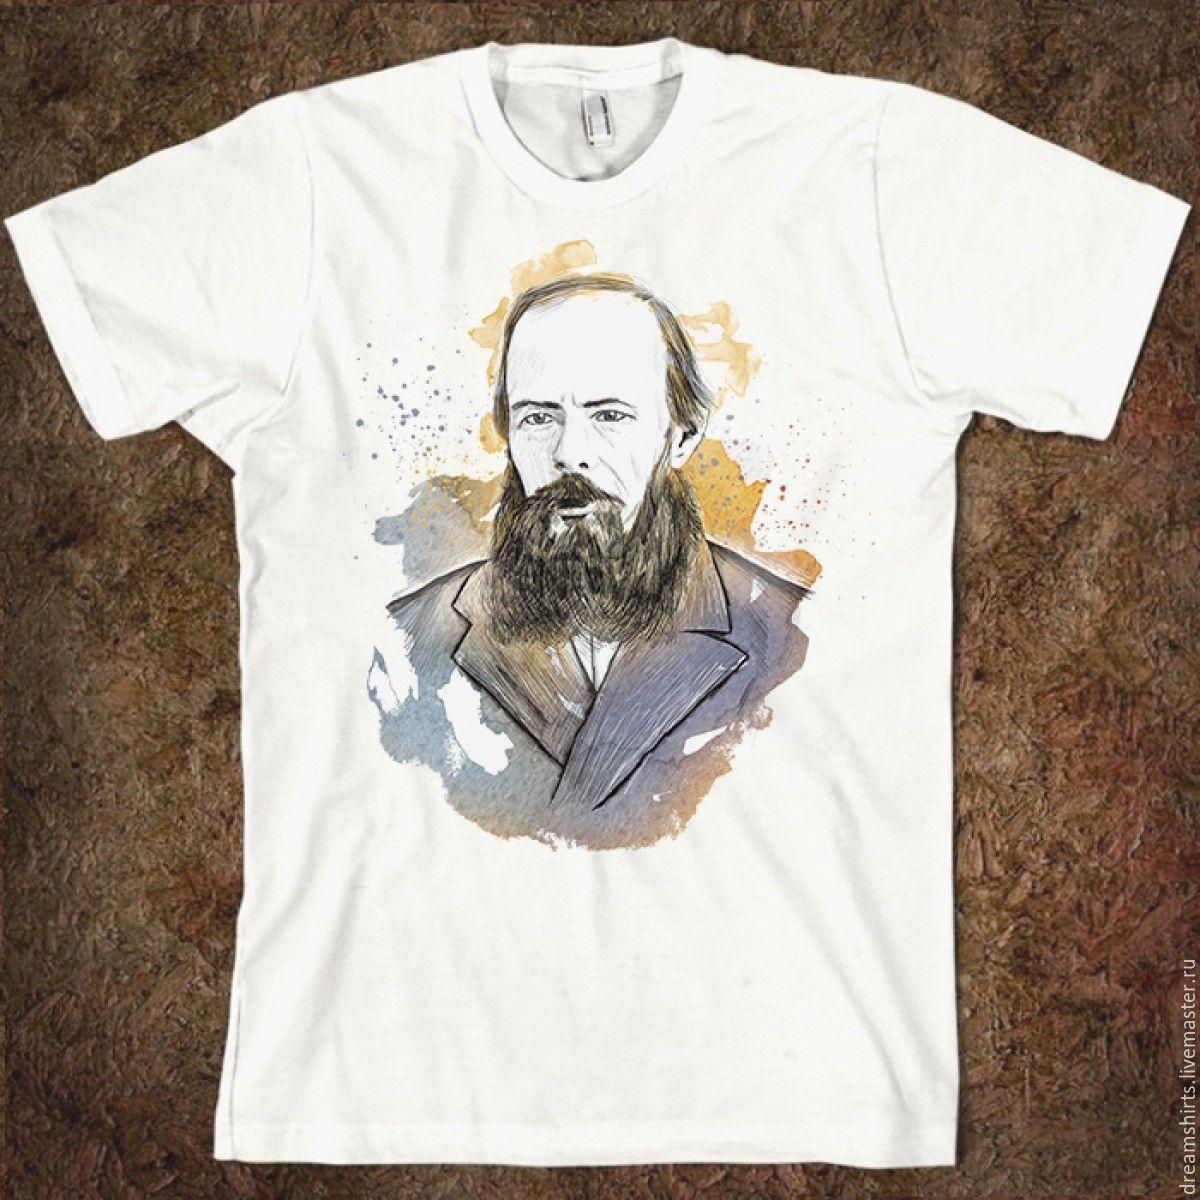 """Футболка хлопковая """"Достоевский"""", T-shirts, Moscow,  Фото №1"""